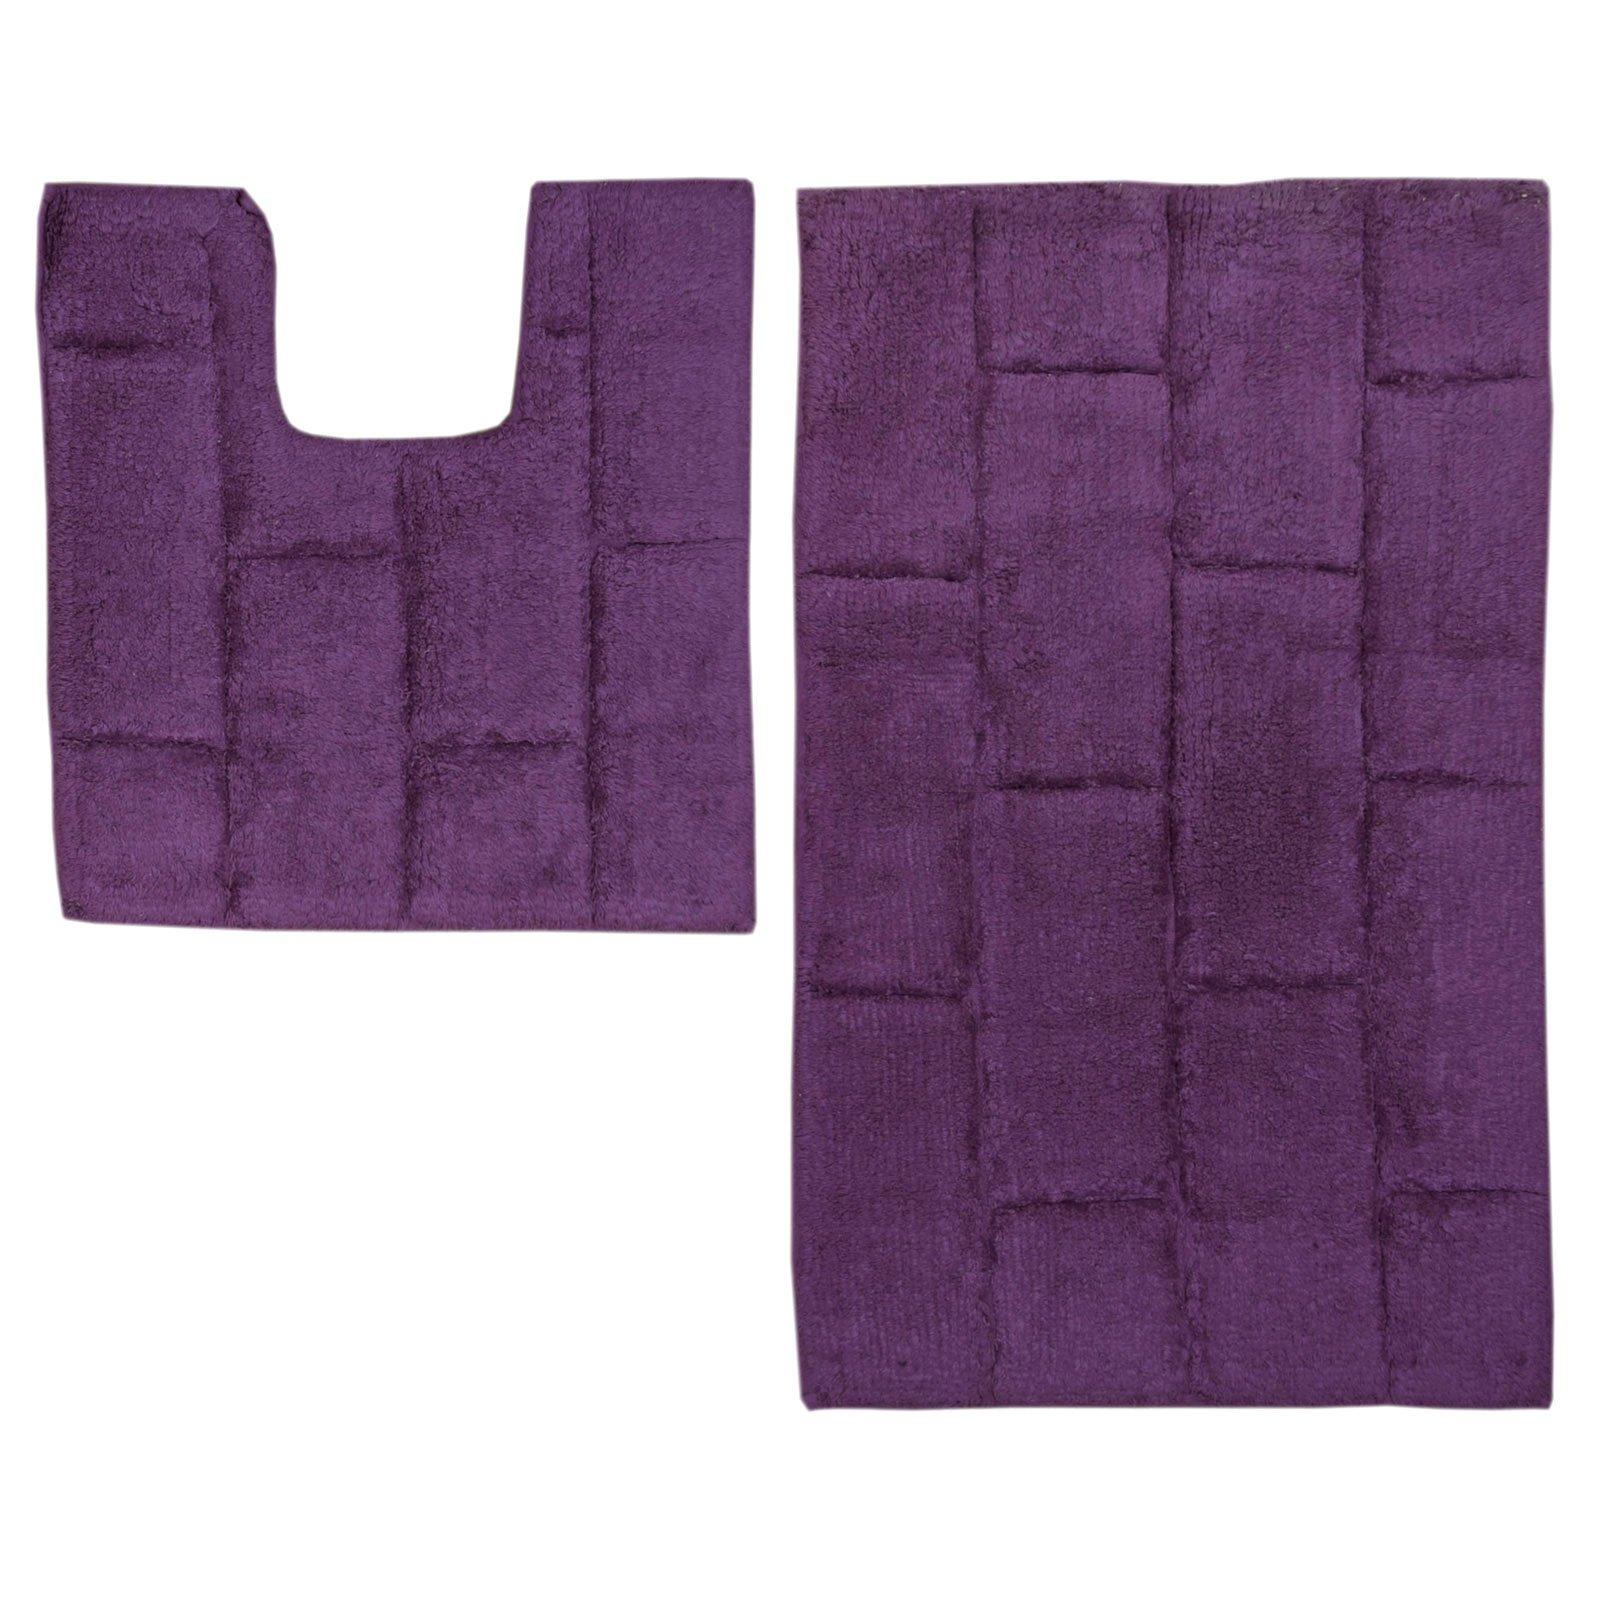 Merveilleux Just Contempo 2 Piece Cotton Bath And Pedestal Mat Set   Purple